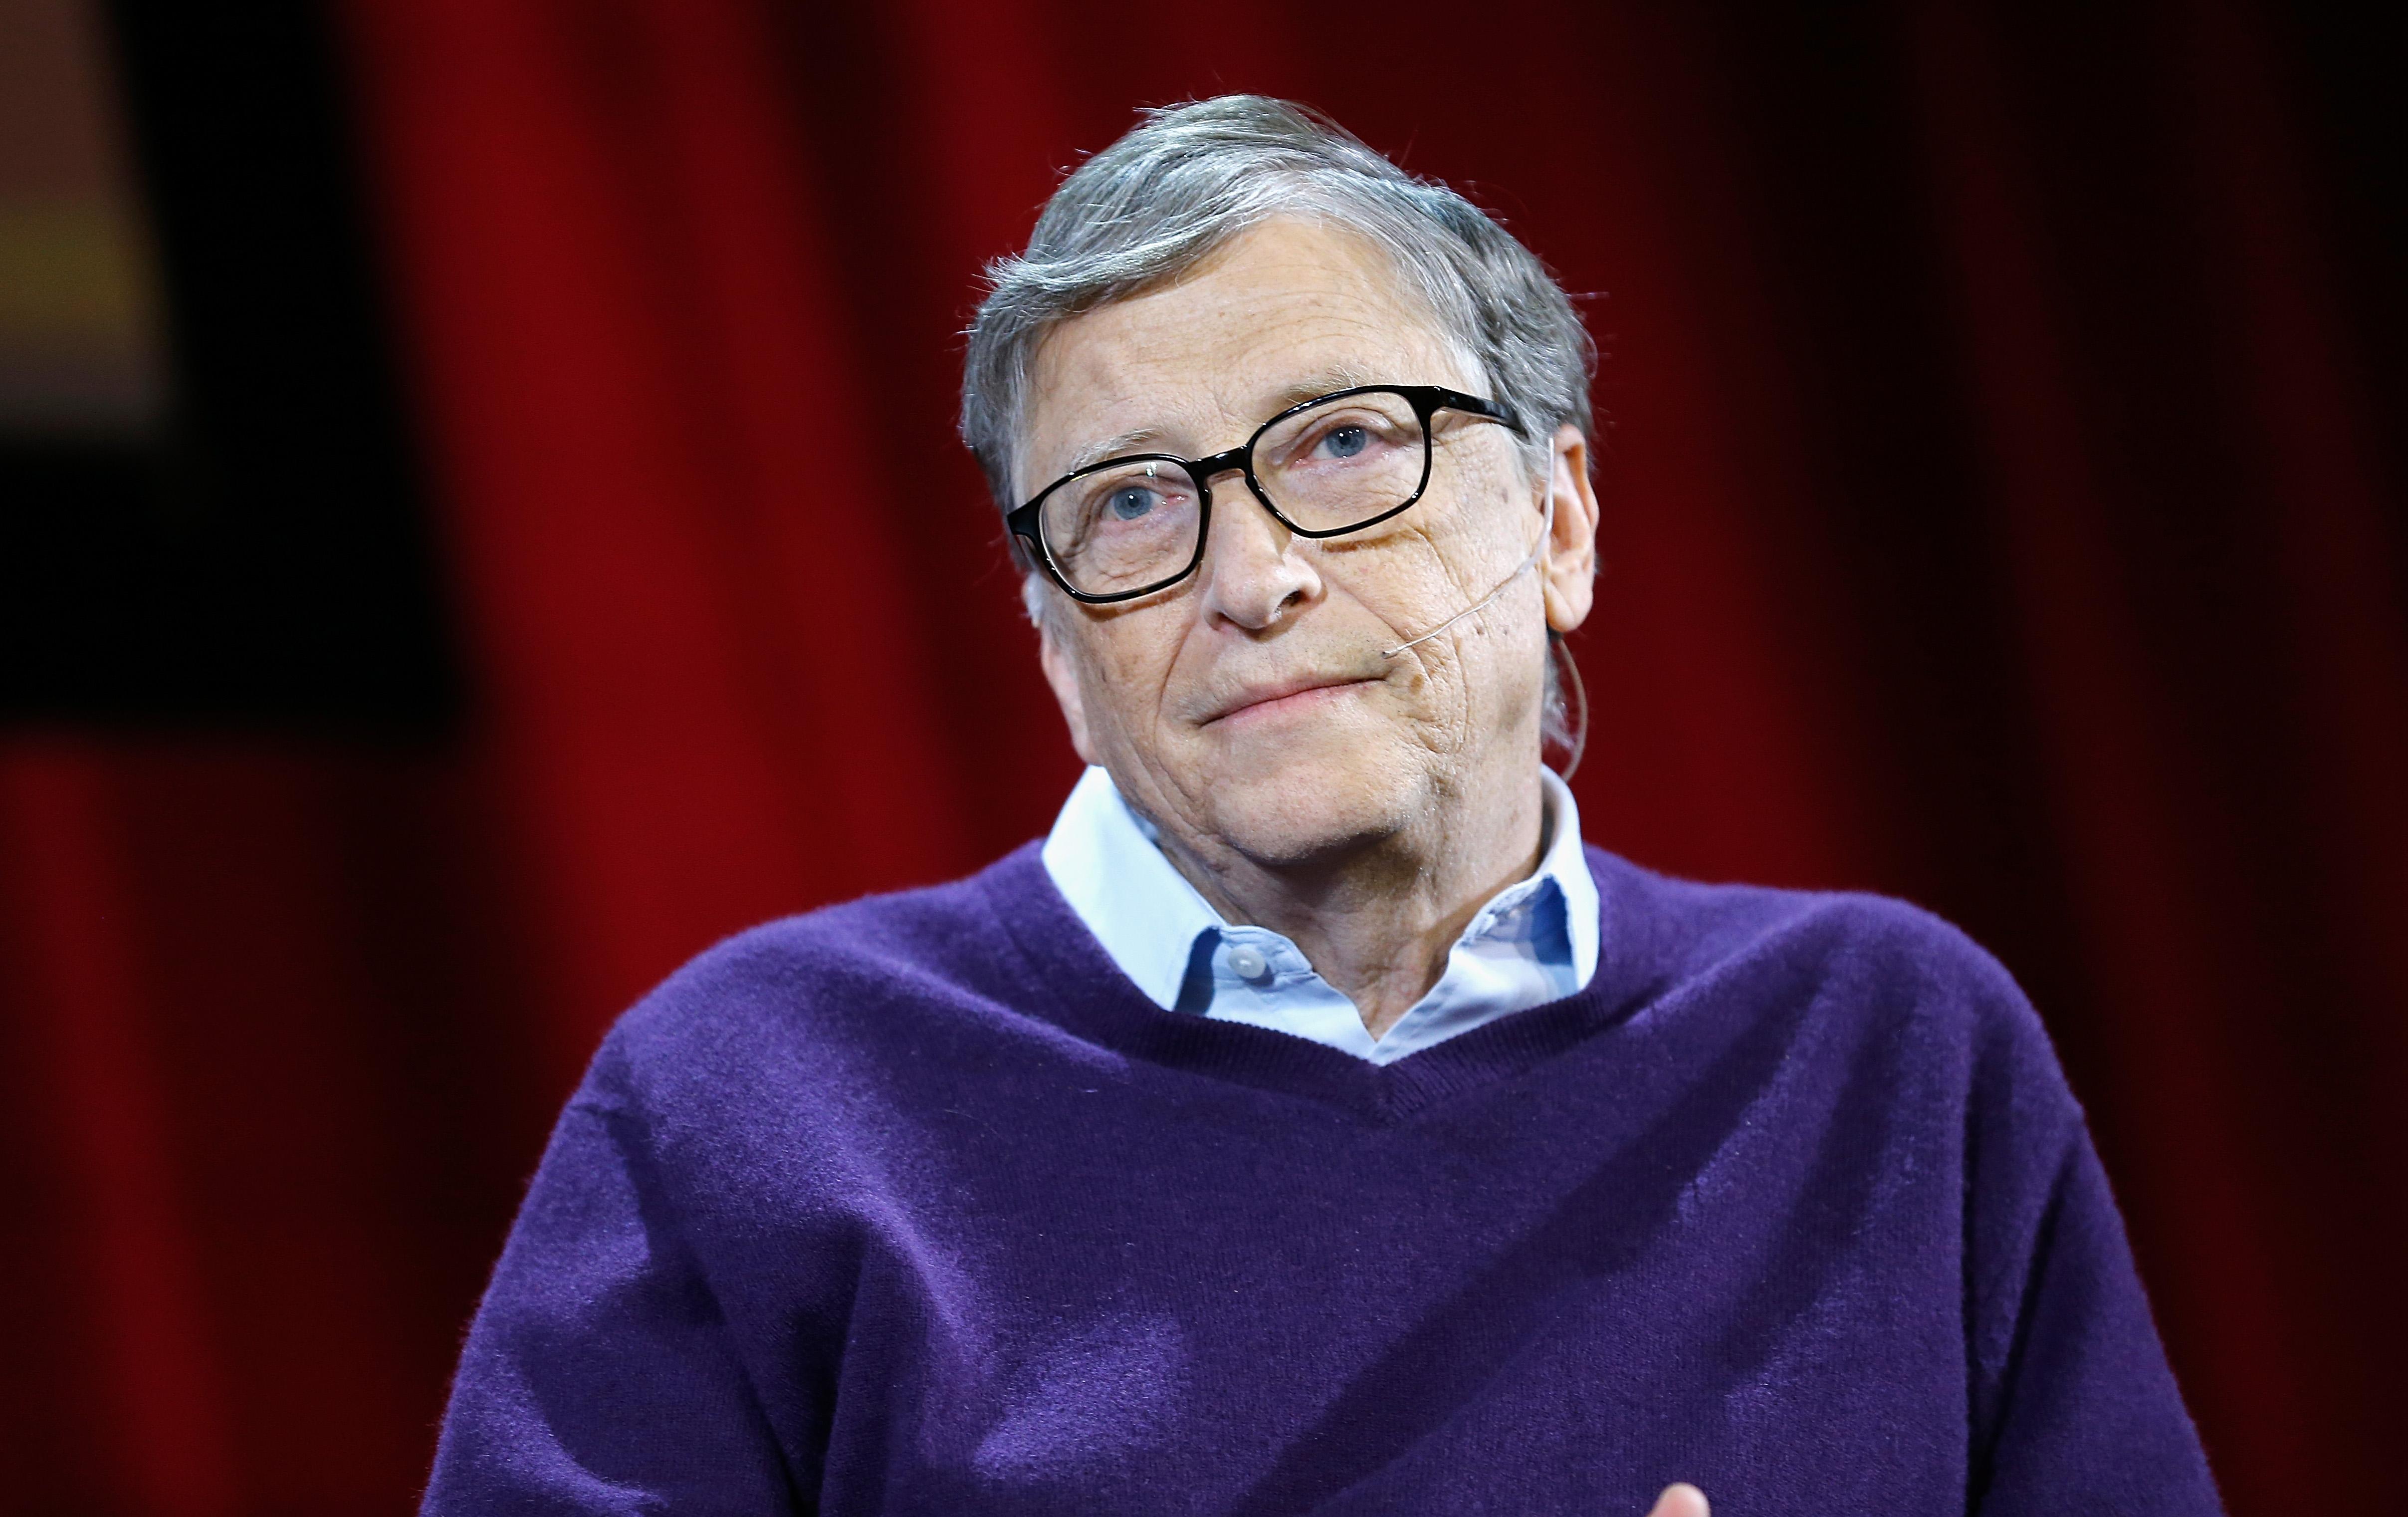 Bill Gates távozik a Microsoft igazgatótanácsából, hogy a jótékonykodásra fordíthassa az idejét